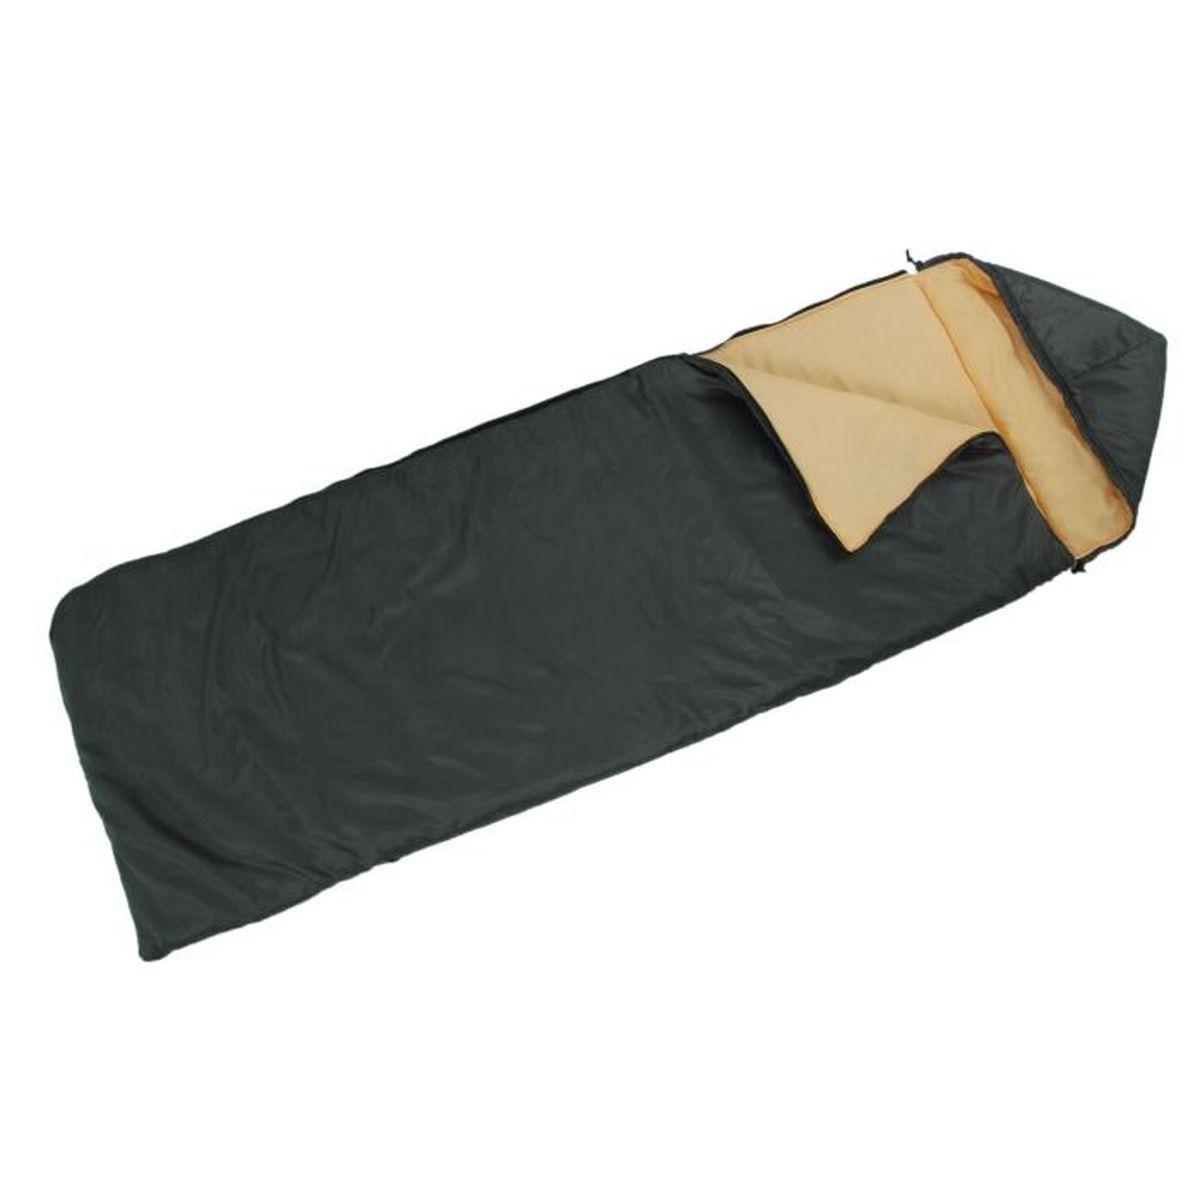 Спальный мешок Onlitop Престиж, цвет: черный, бежевый, правосторонняя молния. 13440271344027Комфортный, просторный и очень теплый 3-х сезонный спальник предназначен для походов и для отдыха на природе не только в летнее время, но и в прохладные дни весенне-осеннего периода. В теплое время спальный мешок можно использовать как одеяло (в том числе и дома).